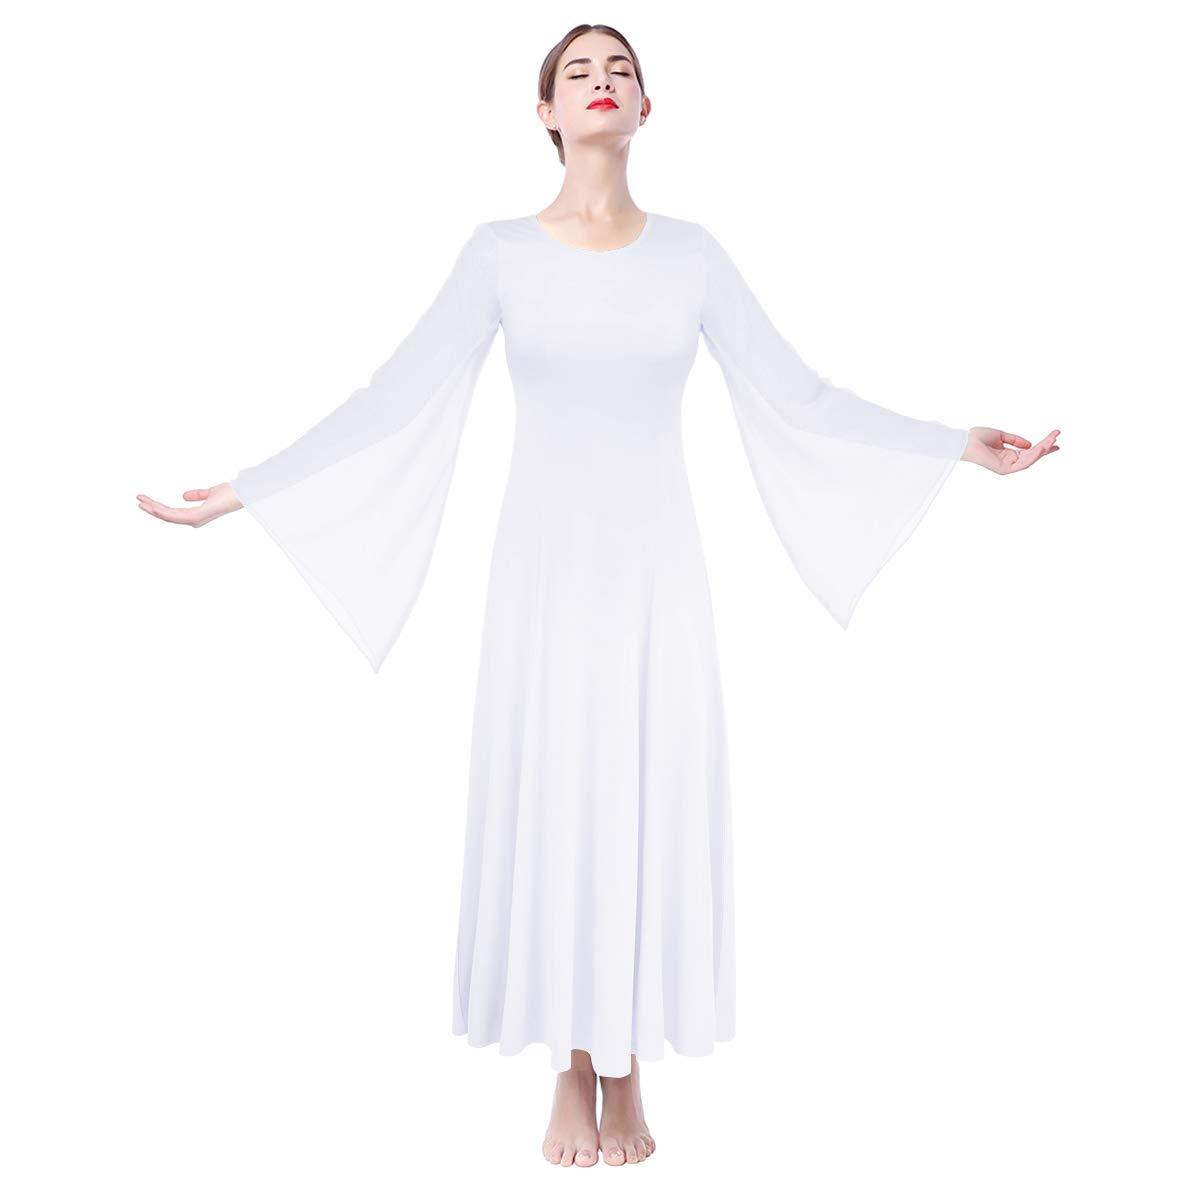 IMEKIS Donna Liturgico Danza Abito Manica Lunga Abito da Tinta Unita Lirico Preghiera Dancewear Ginnastica Balletto Combinazione Costume Elegante Casual Lungo Festa Vestito